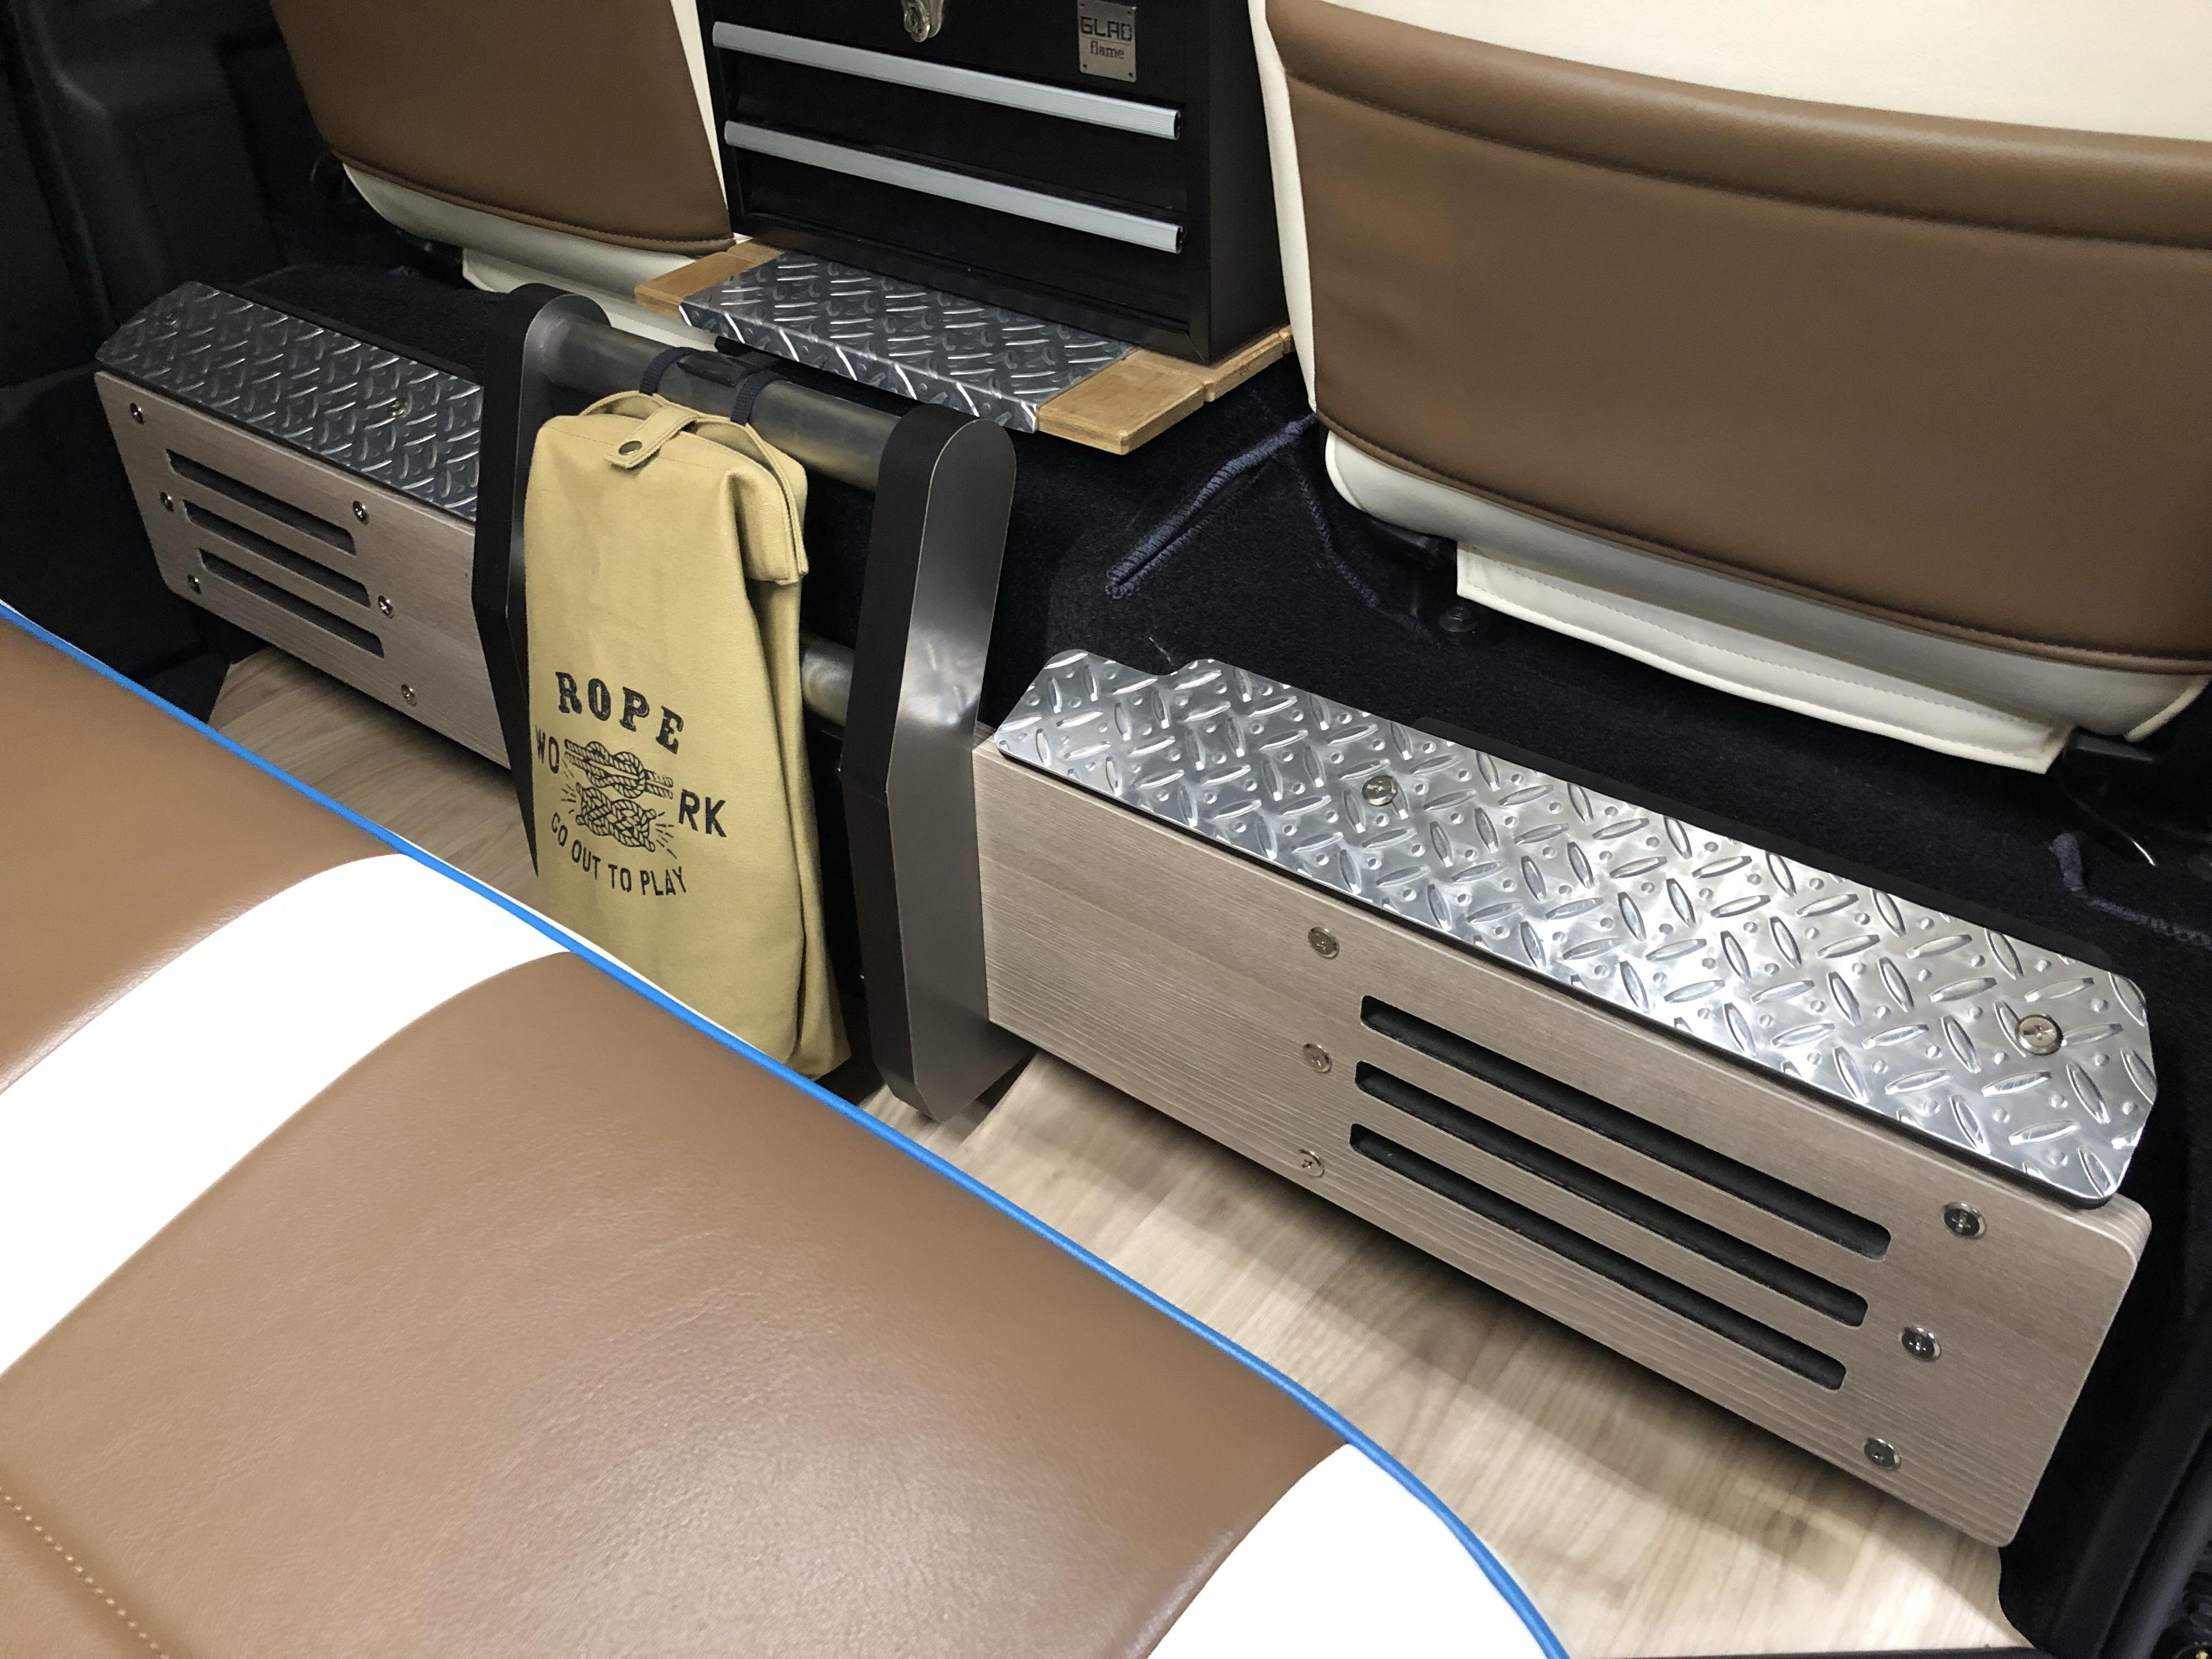 GLADフットレストパネル ハイエース 足載せ スピーカー内蔵 テーブル